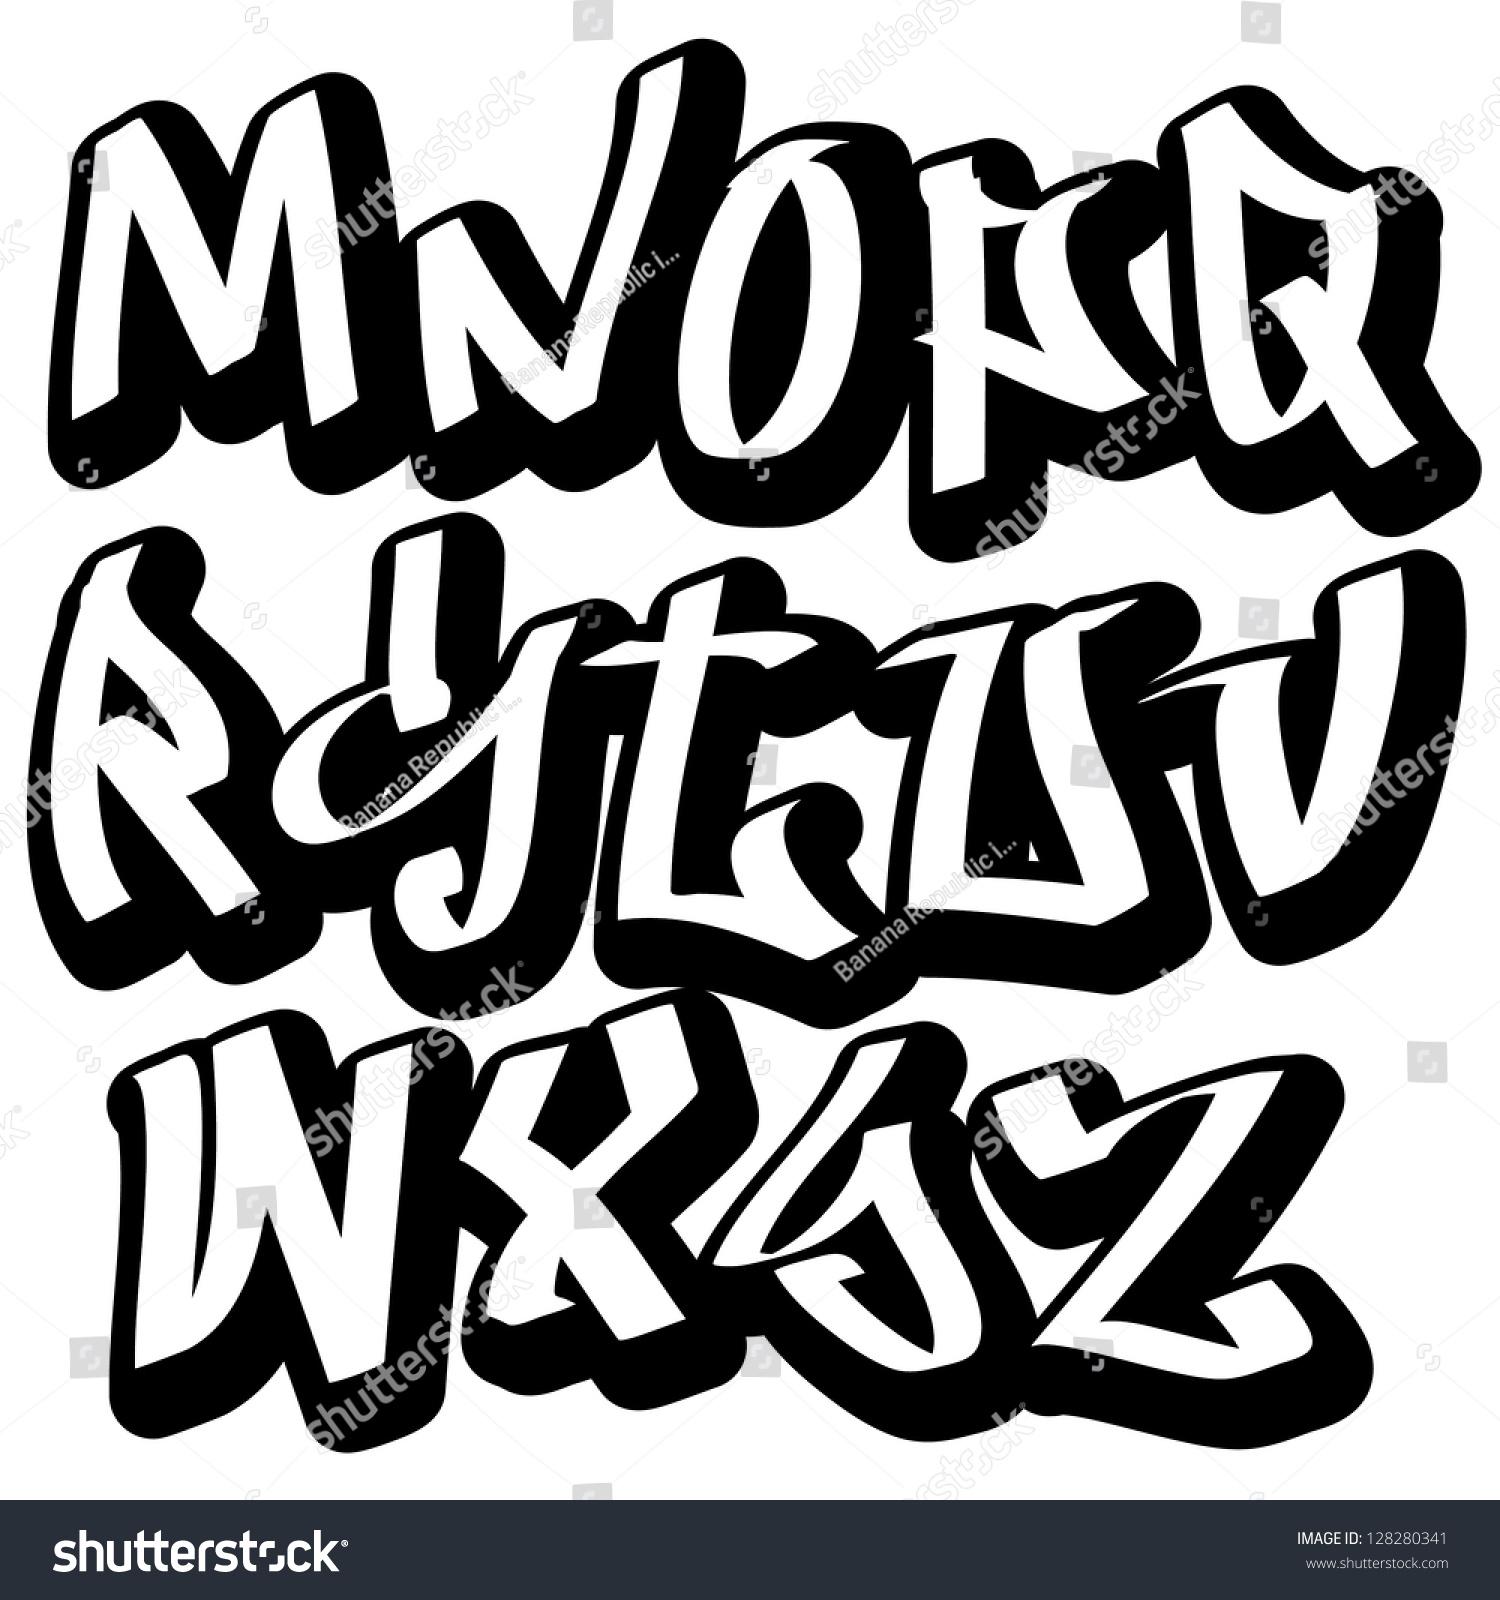 Abstract Modern Urban Alphabet Font: Graffiti Font Alphabet Letters Hip Hop Stock Vector